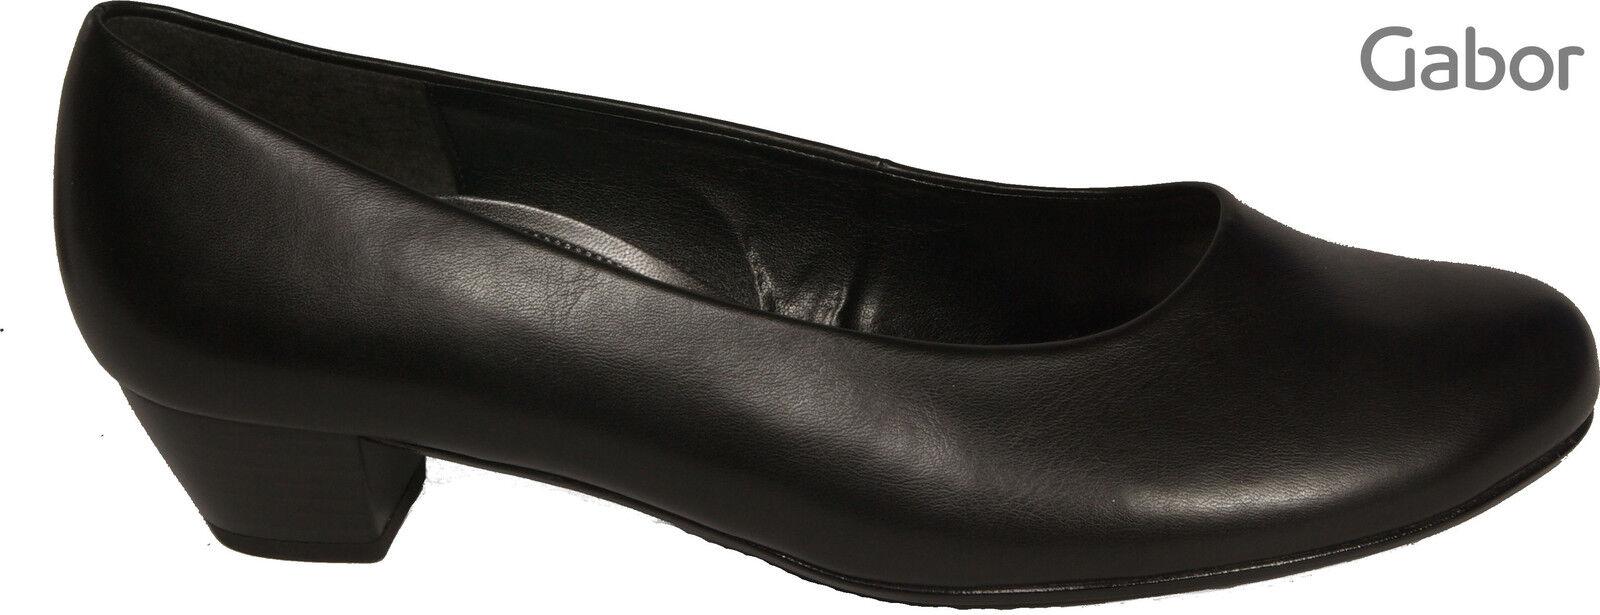 GABOR Schuhe Pumps schwarz H-Weite Absatz 35 mm NEU